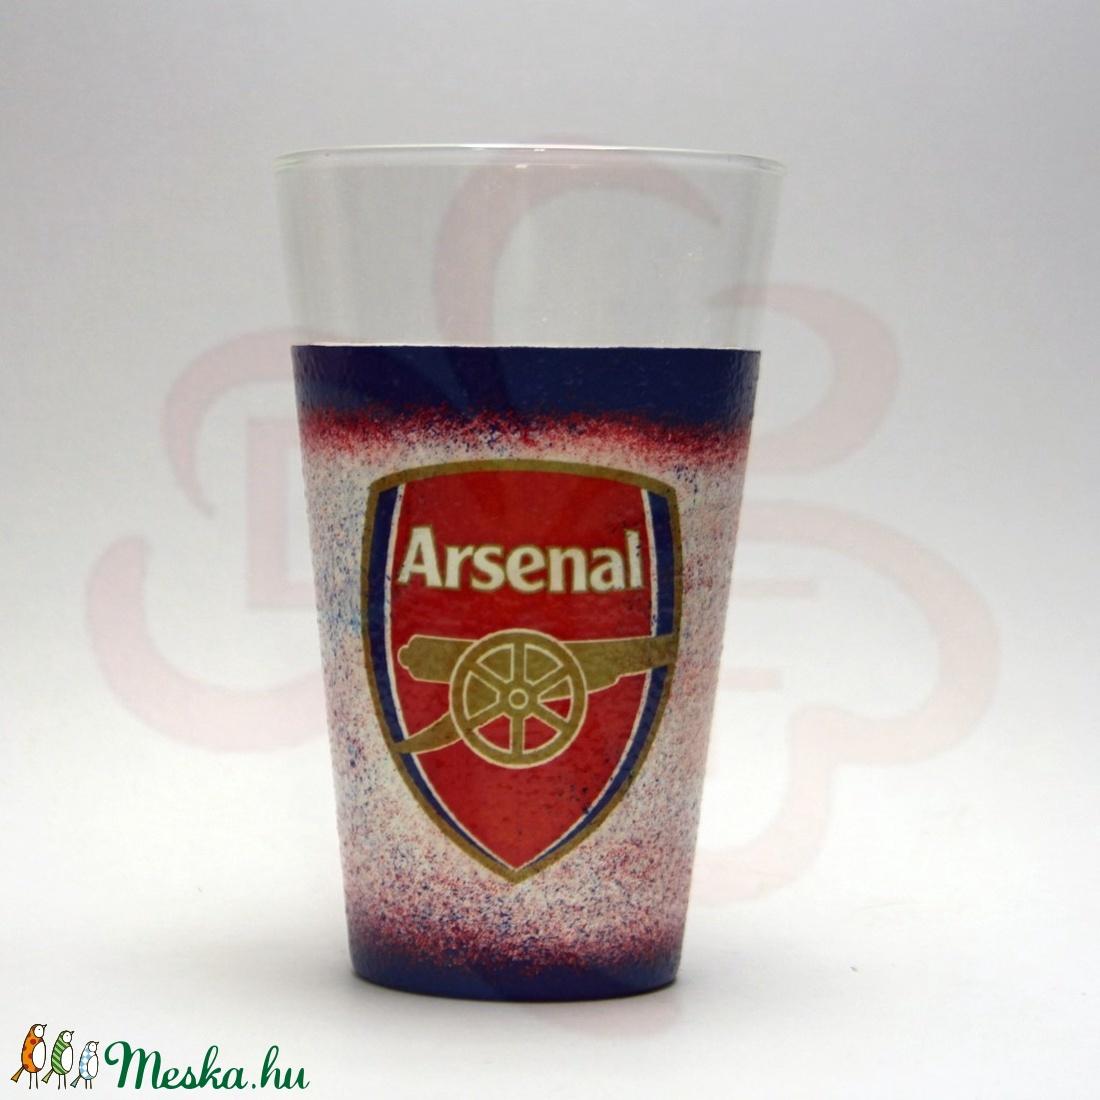 ARSENAL  emblémával díszített vizes pohár ; Arsenal foci szurkolóknak - Meska.hu